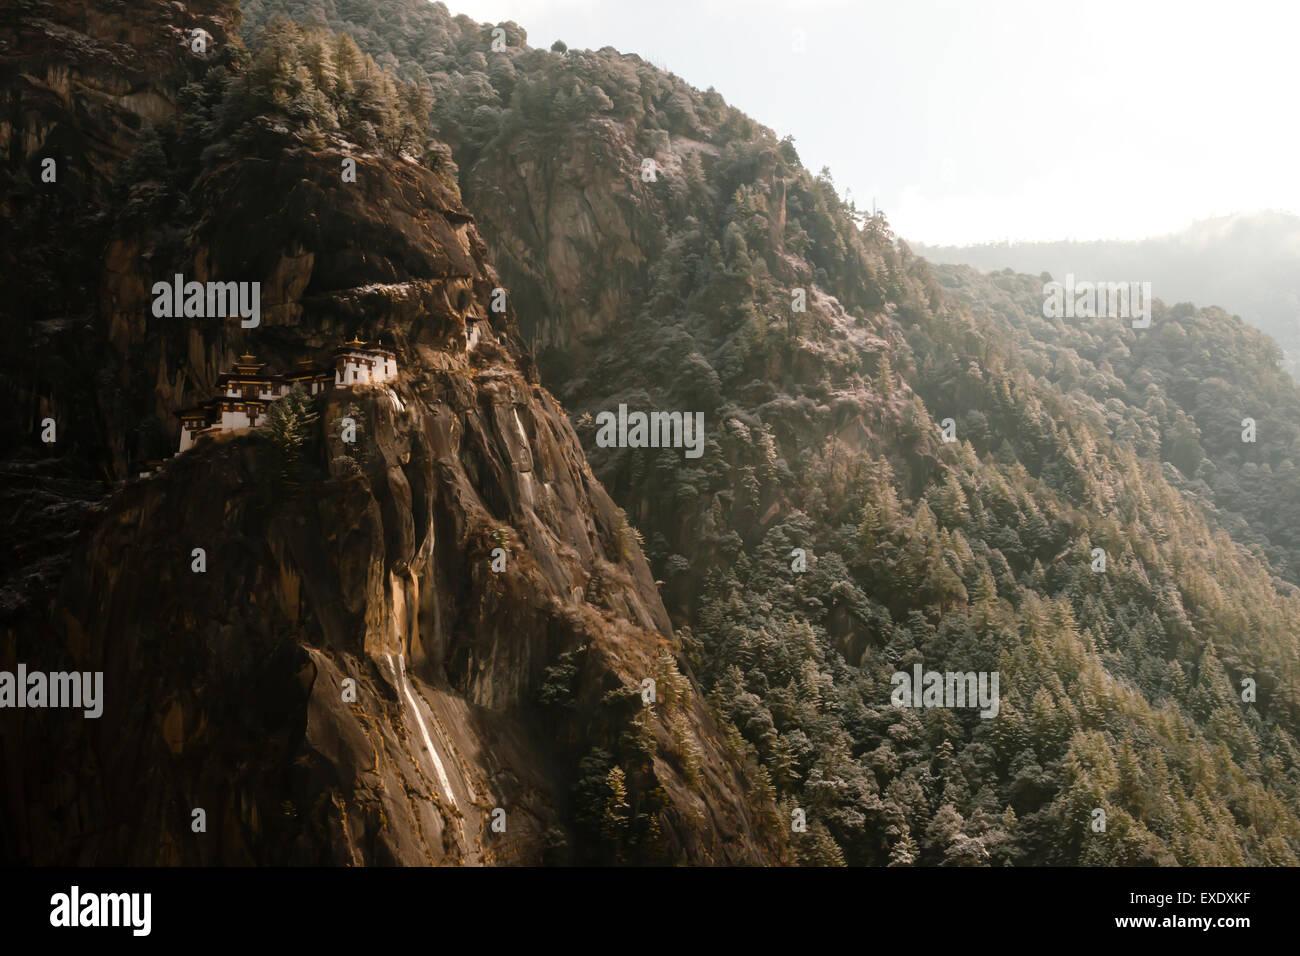 Cliff of Taktsang Monastery (Tiger's Nest) - Bhutan - Stock Image